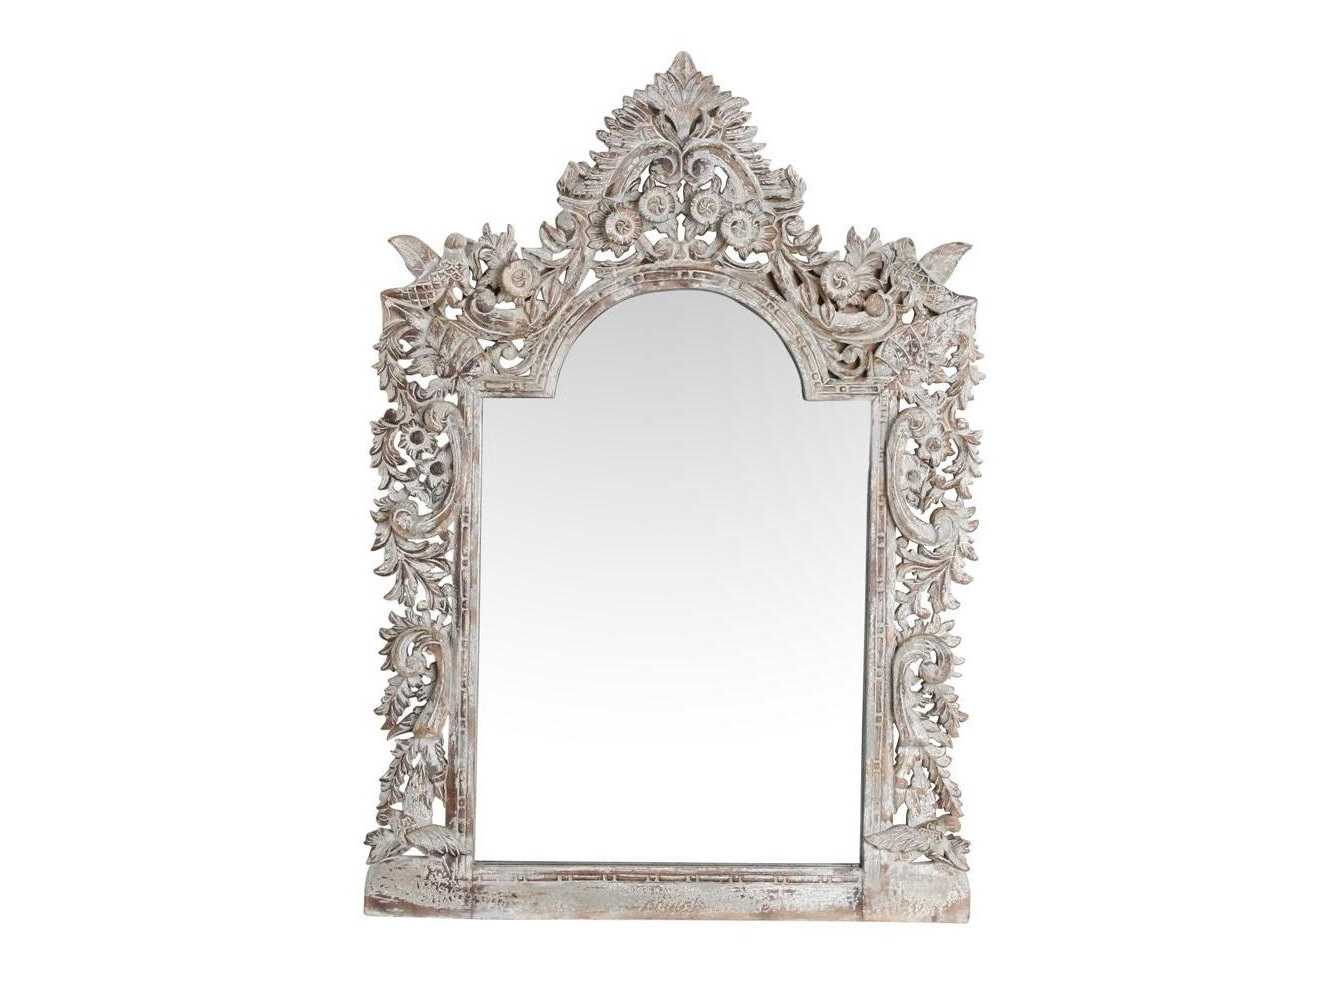 Зеркало EdemНастенные зеркала<br>Зеркало настенное в деревянной резной раме.<br><br>Material: Дерево<br>Ширина см: 88<br>Высота см: 125<br>Глубина см: 7